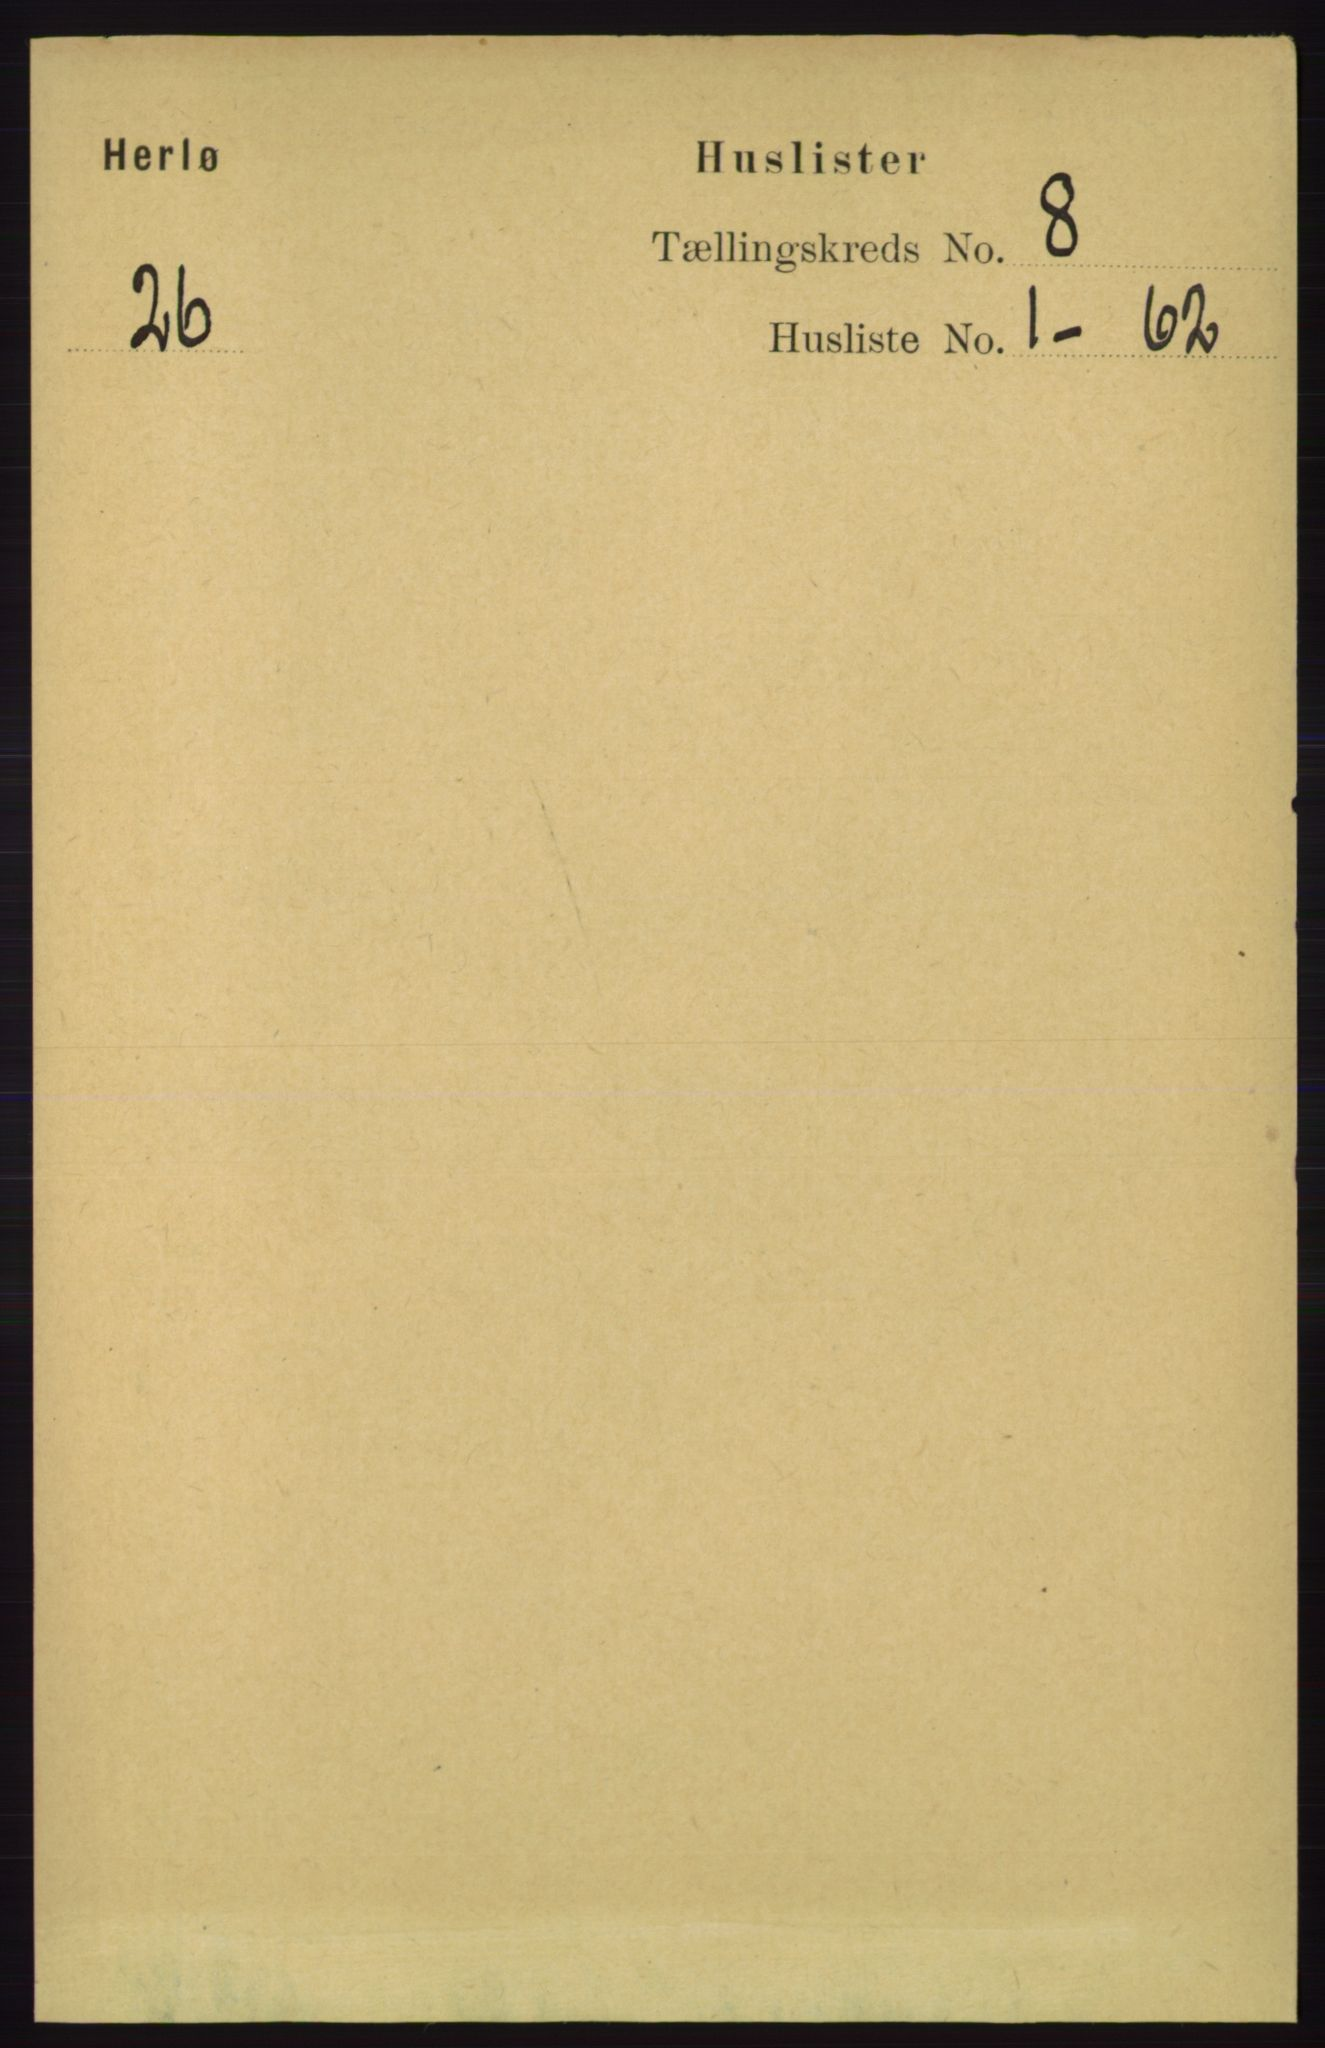 RA, Folketelling 1891 for 1258 Herdla herred, 1891, s. 3364